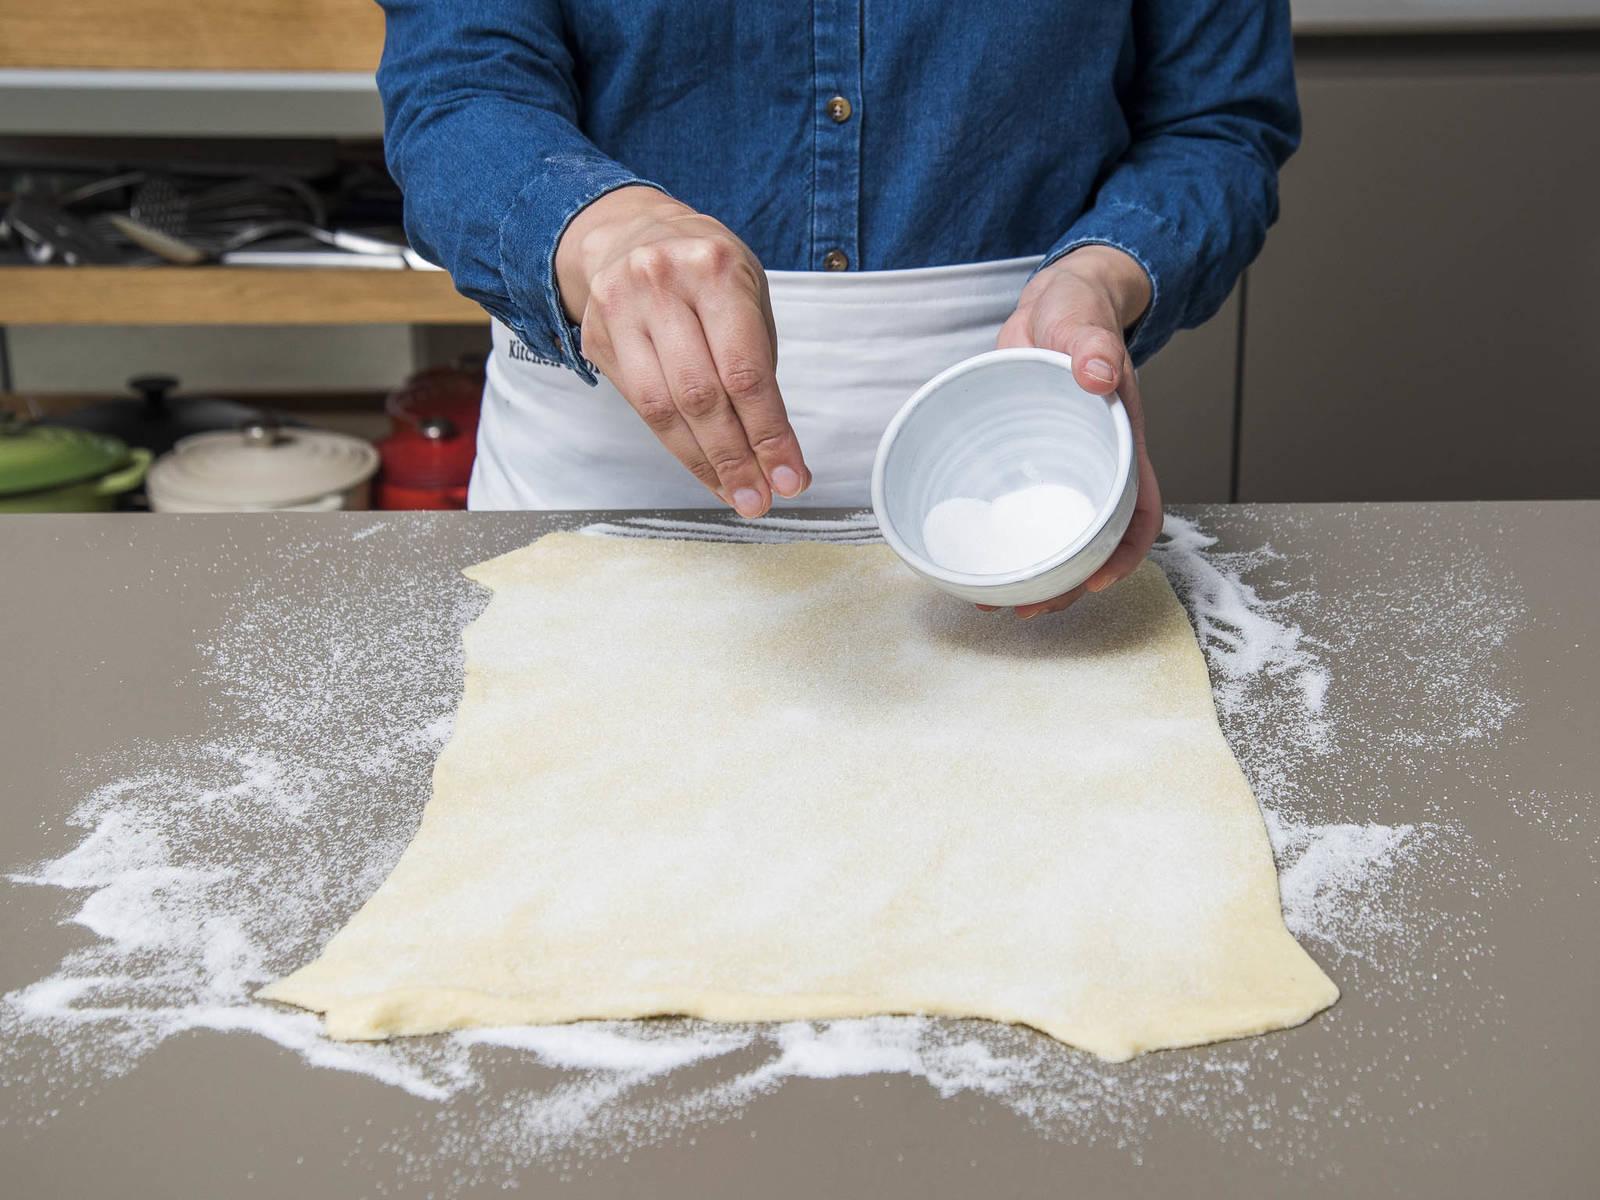 将糖和盐放到小碗中混合,然后撒一些到干净的工作台上,放上酥皮。将酥皮擀成长方形,约0.5厘米厚。压一压酥皮,让底下的糖都嵌进去。撒上剩余的糖盐,用擀面杖稍微擀压,把颗粒压进酥皮中。